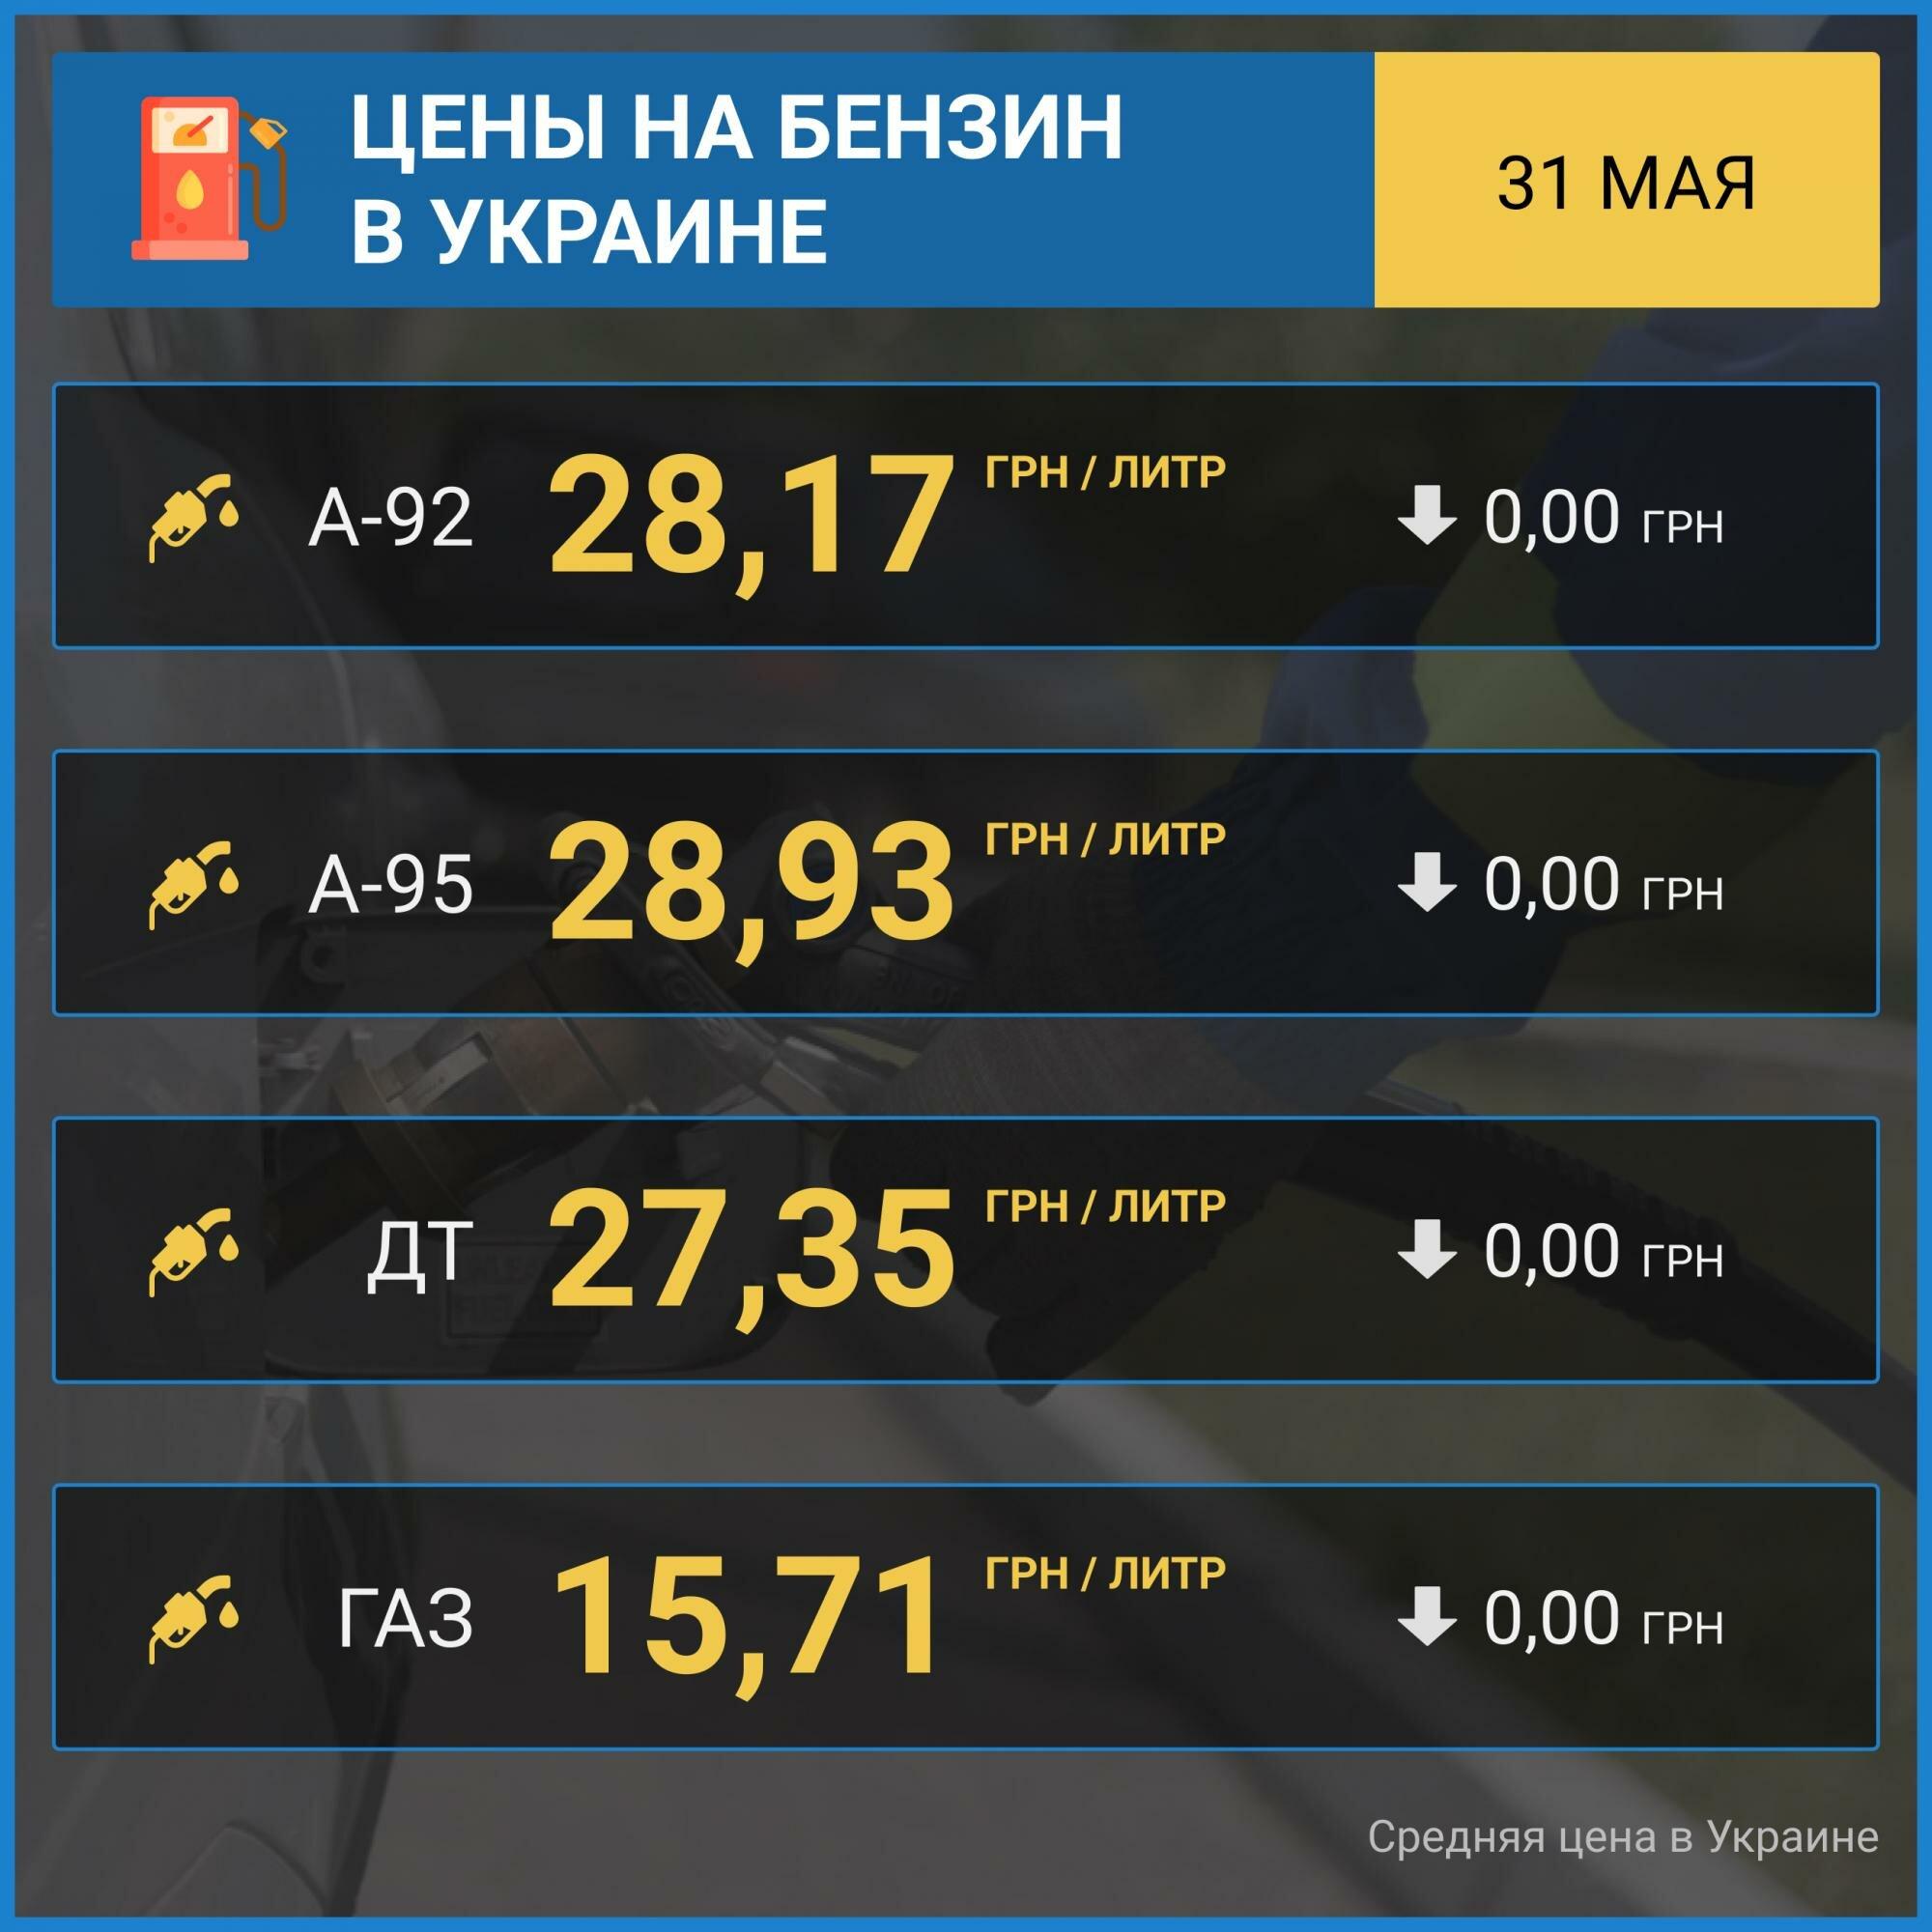 Рост цен на бензин прекратился: сколько стоит топливо на АЗС